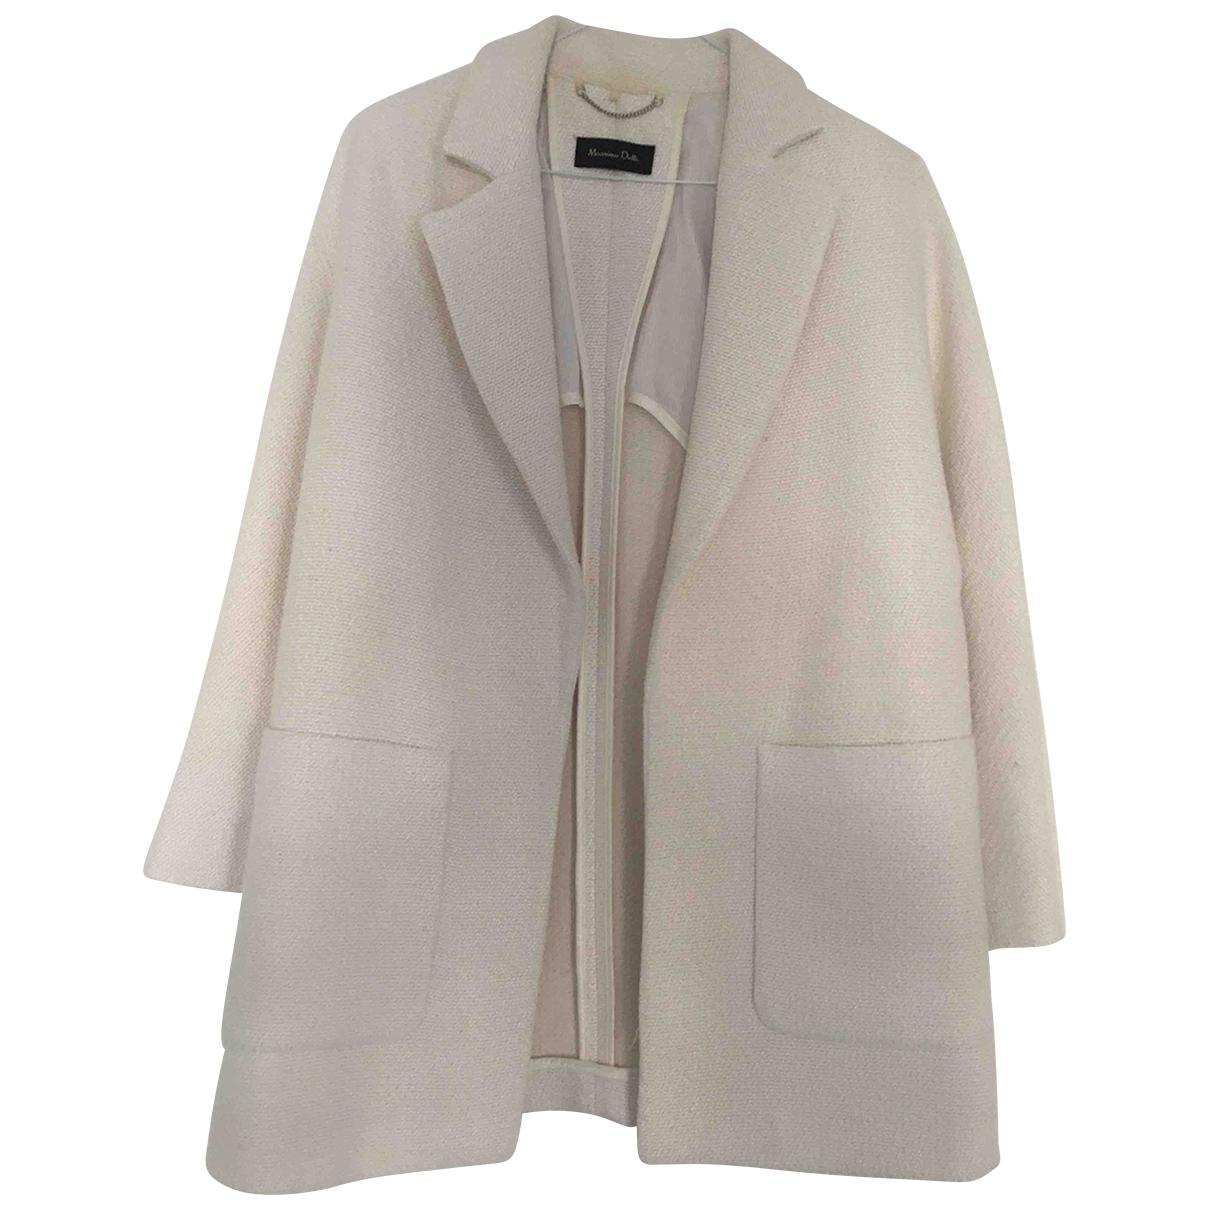 Massimo Dutti \N Beige Knitwear for Women S International